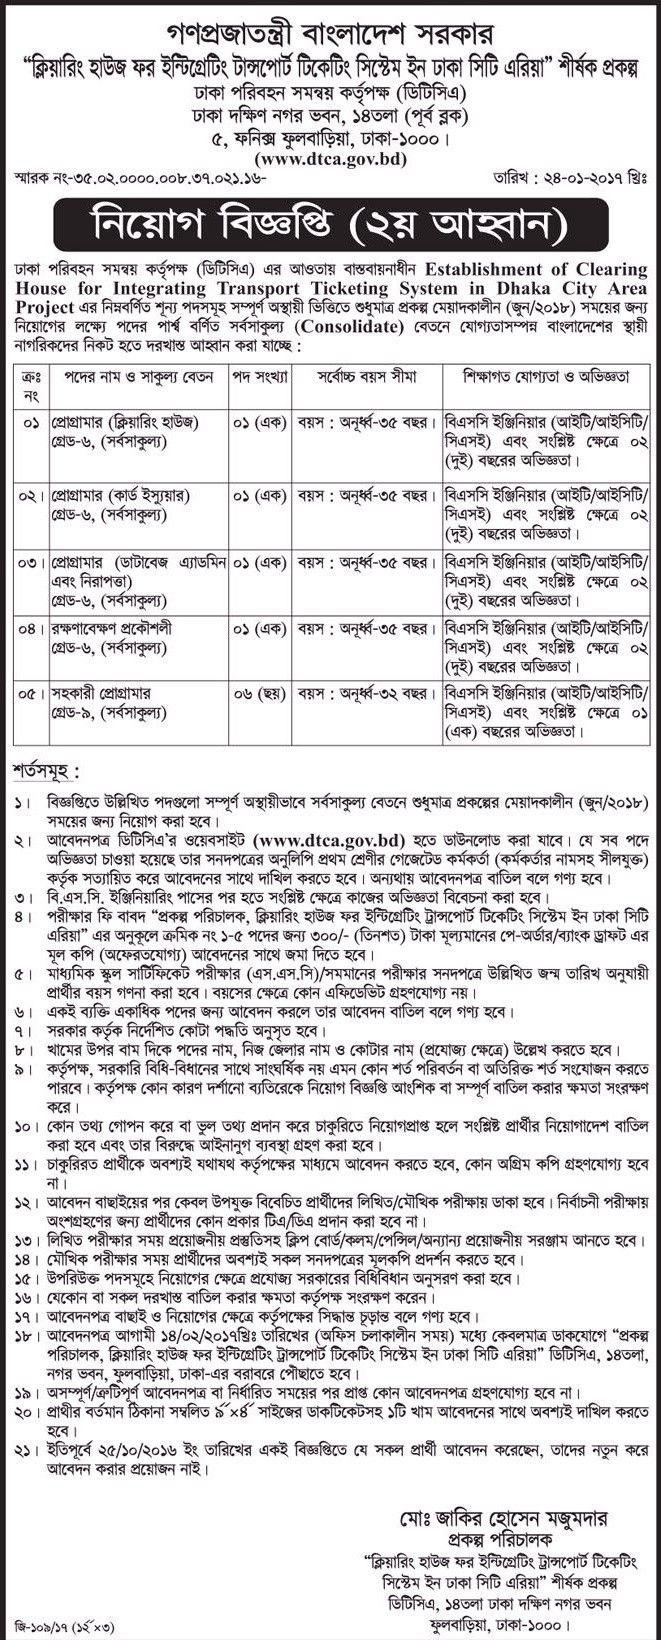 Dhaka Transport Coordination Authority  DTCA Job Circular